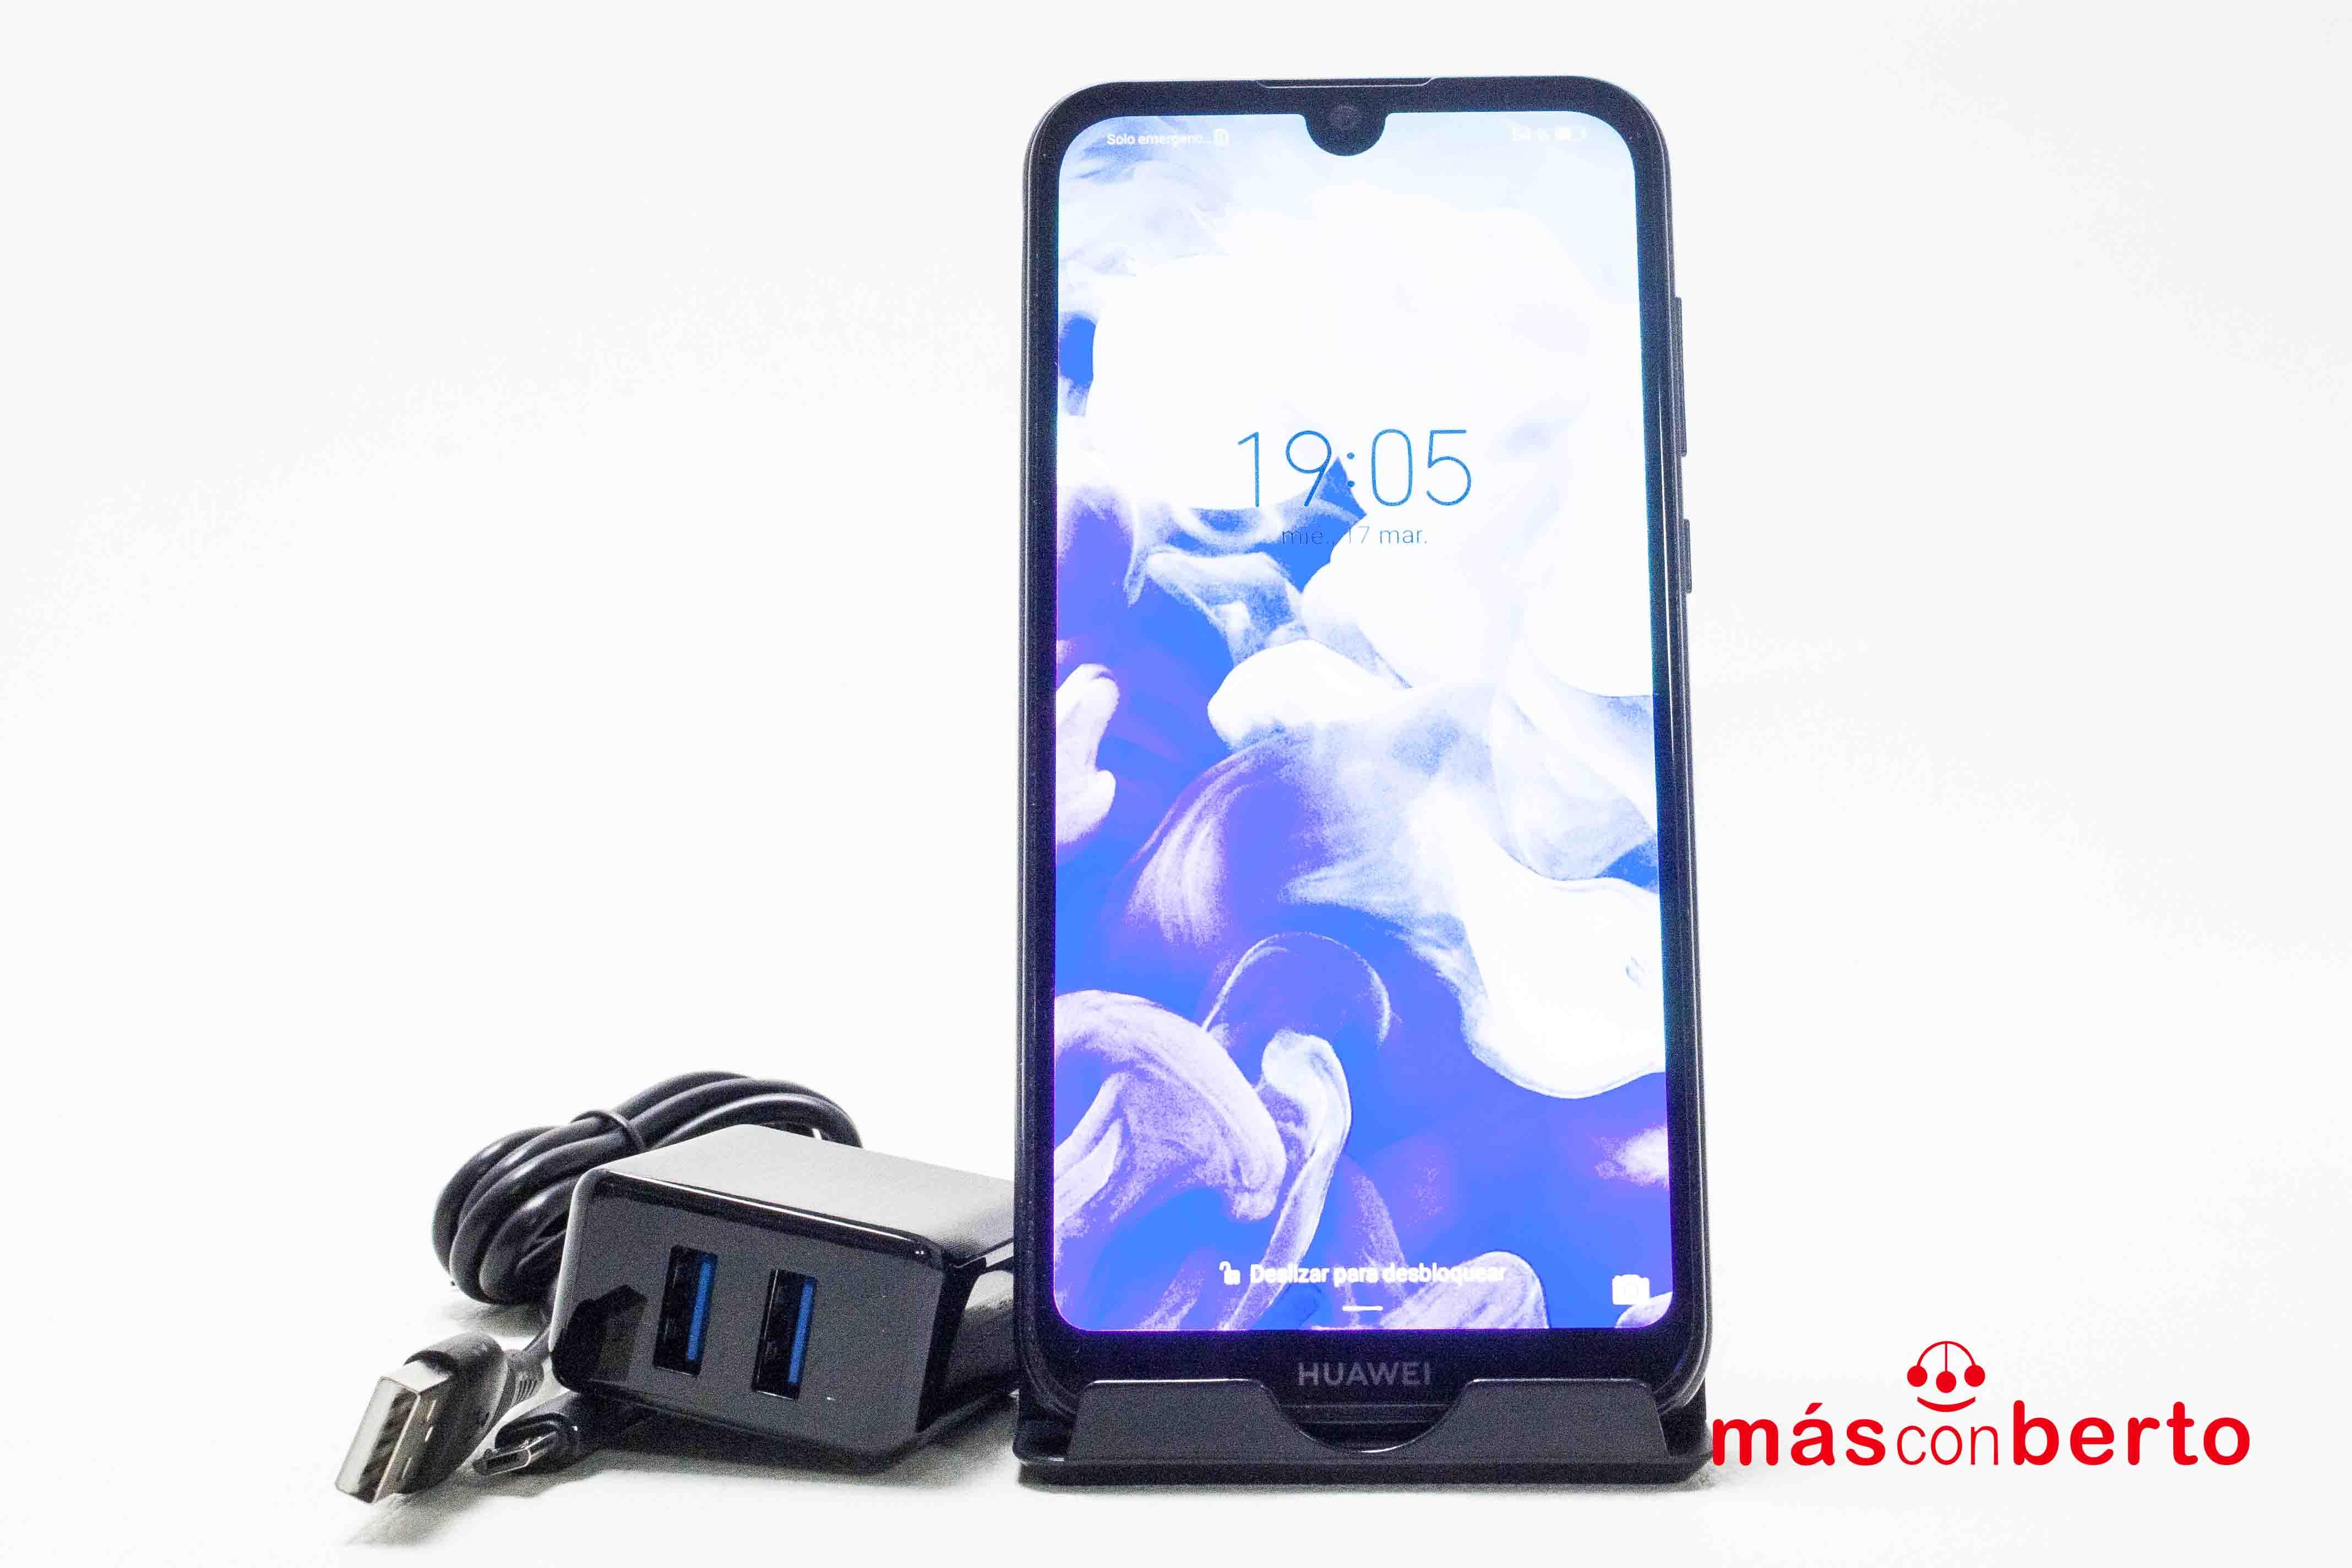 Móvil Huawei Y5 2019 16GB...